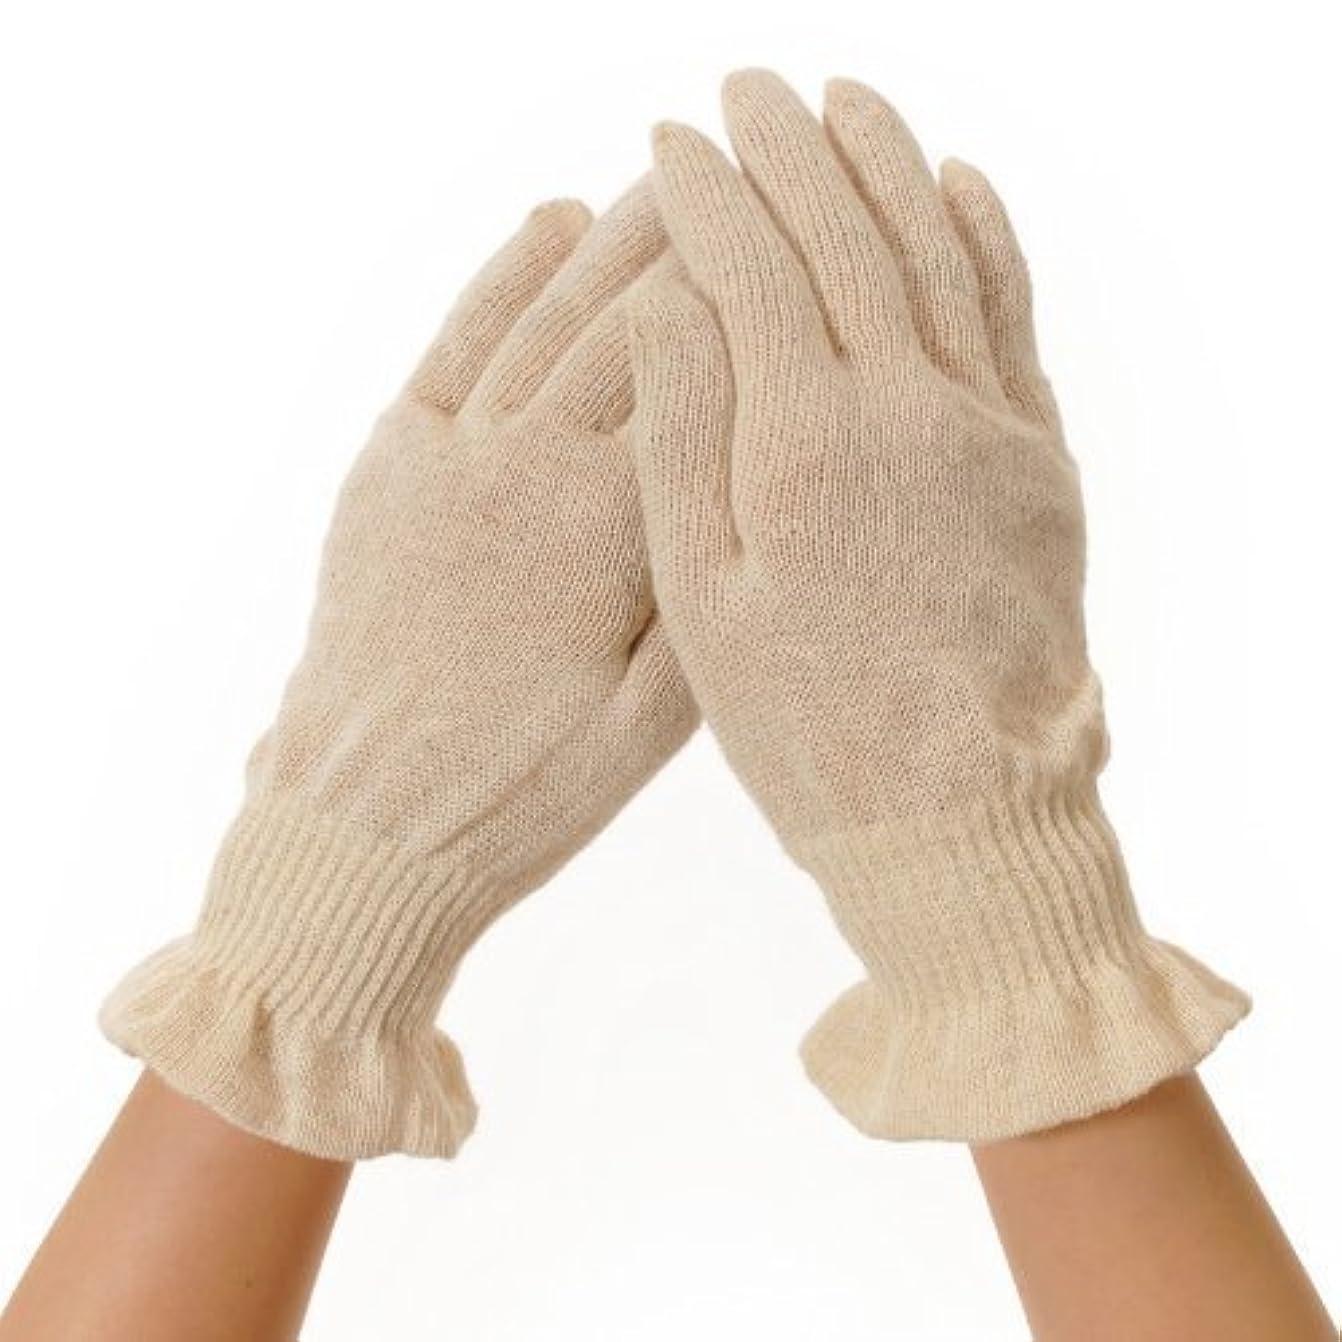 無サークル菊麻福ヘンプ おやすみ手袋 きなり R (女性ゆったり/男性ジャストフィット) 麻 手荒れ 主婦湿疹 ハンドケア 冷え 保湿 保温 抗菌 ムレない 就寝用